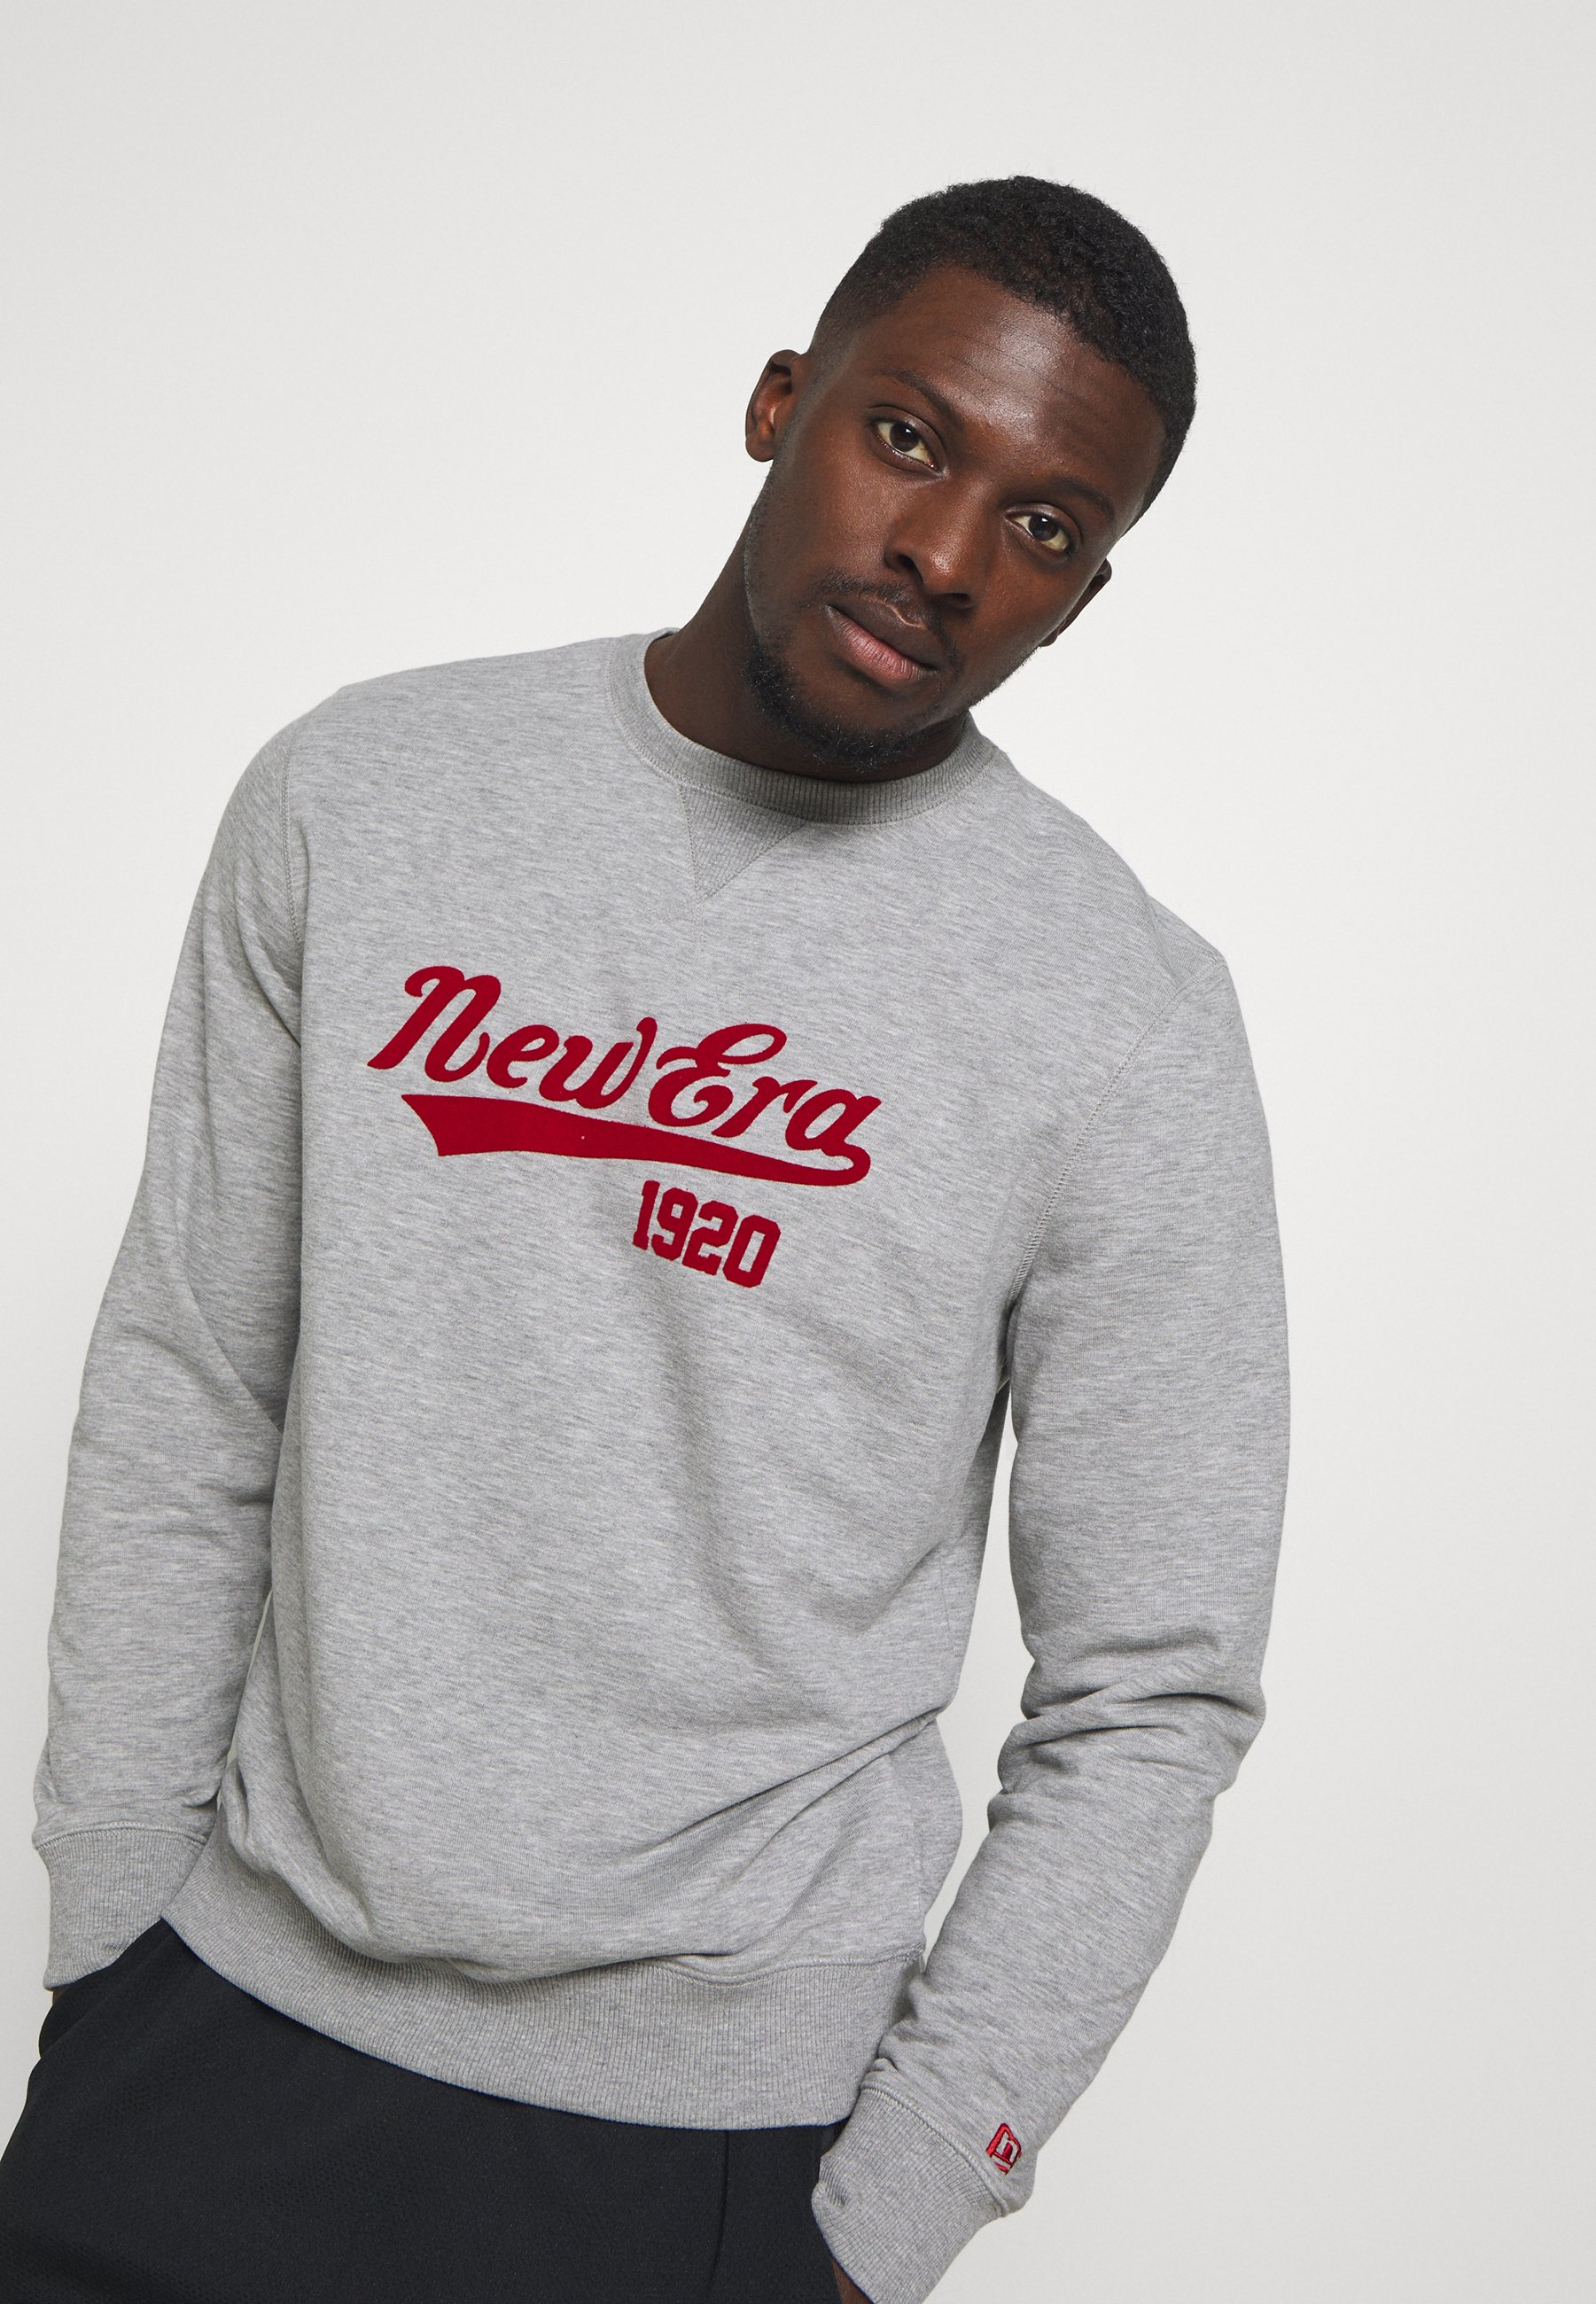 New Era   New Era Far East Sweatshirt Herren jetzt online kaufen